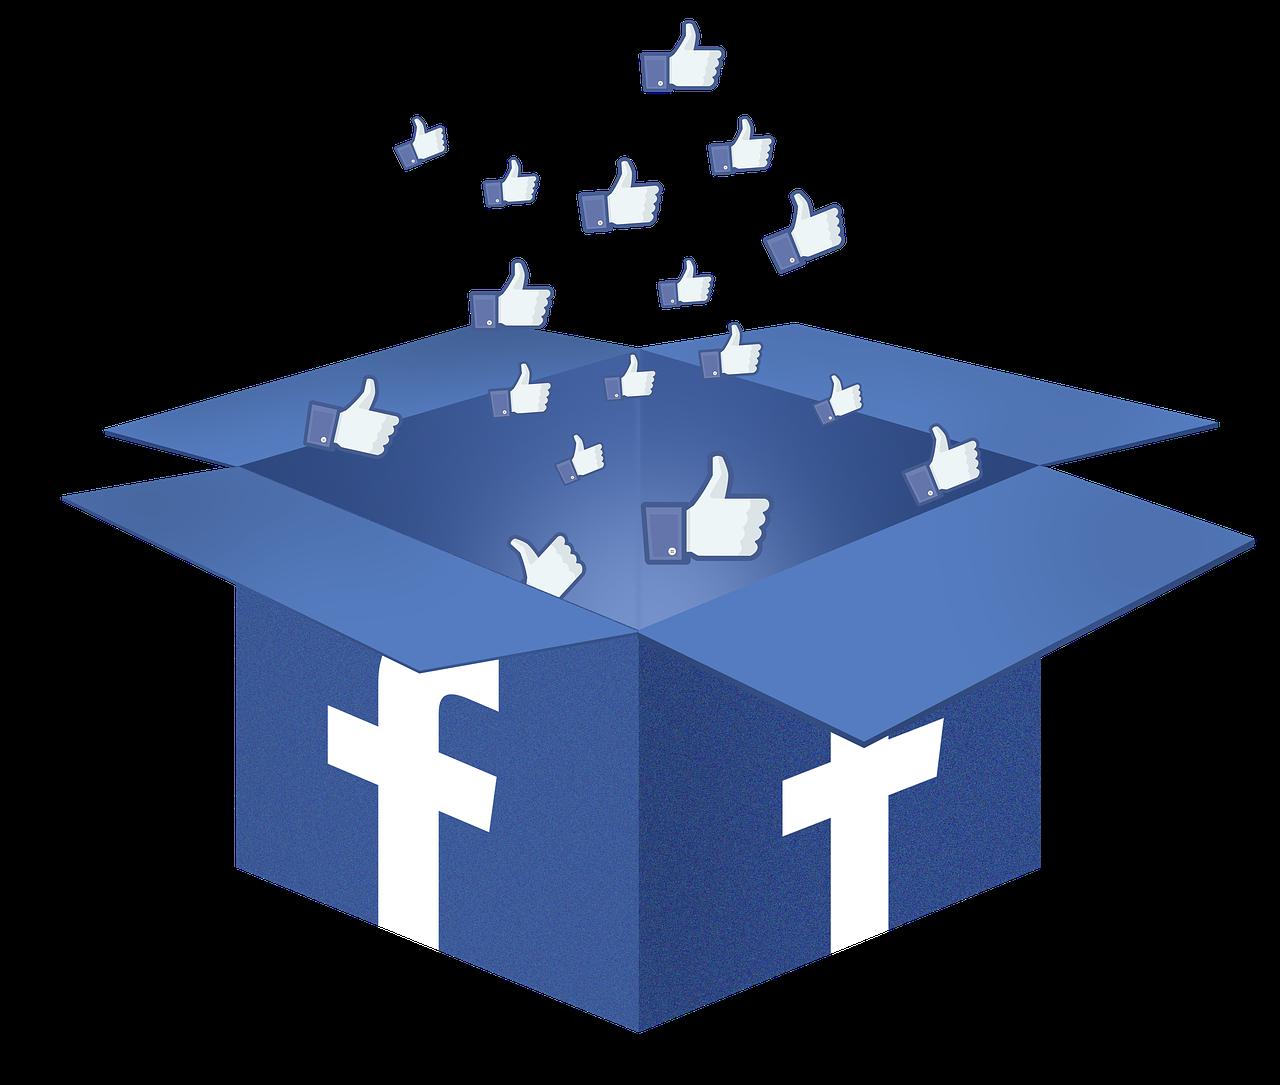 File:Facebook.